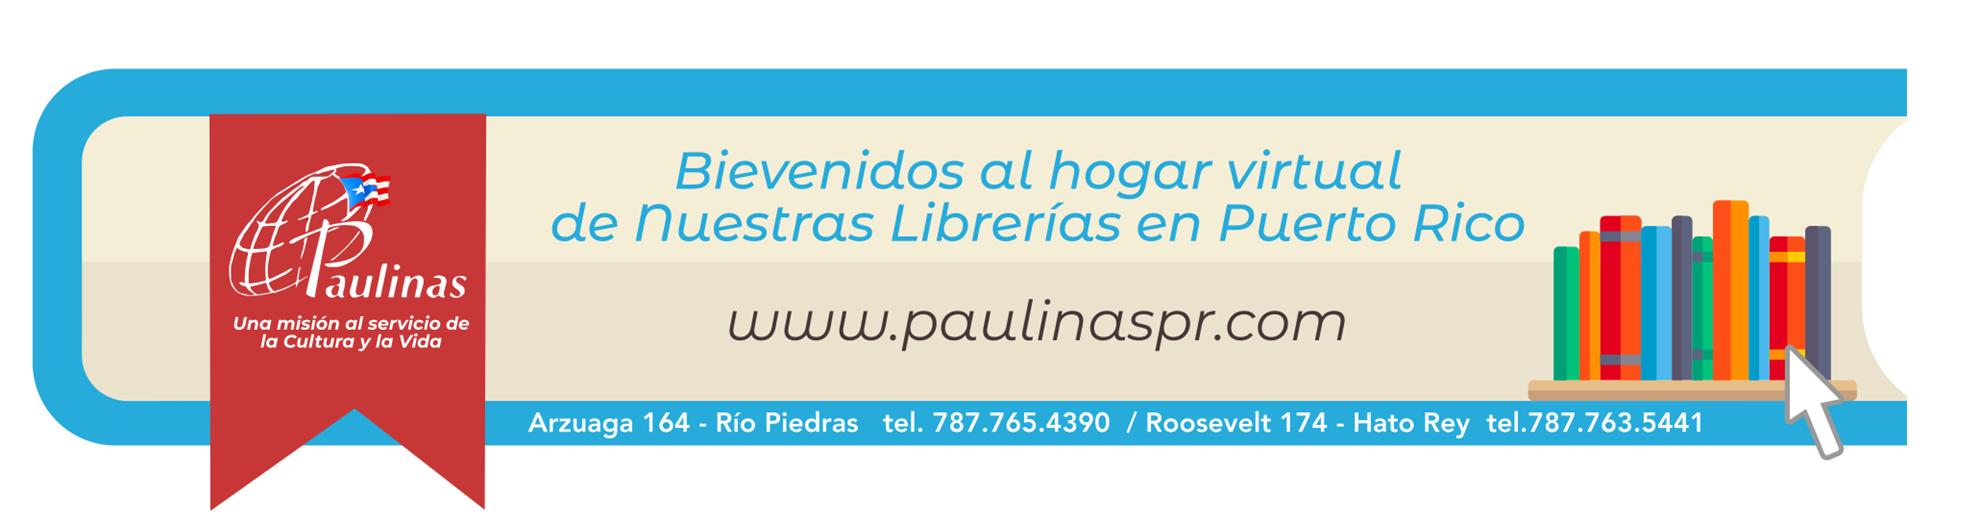 Paulinas Puerto Rico